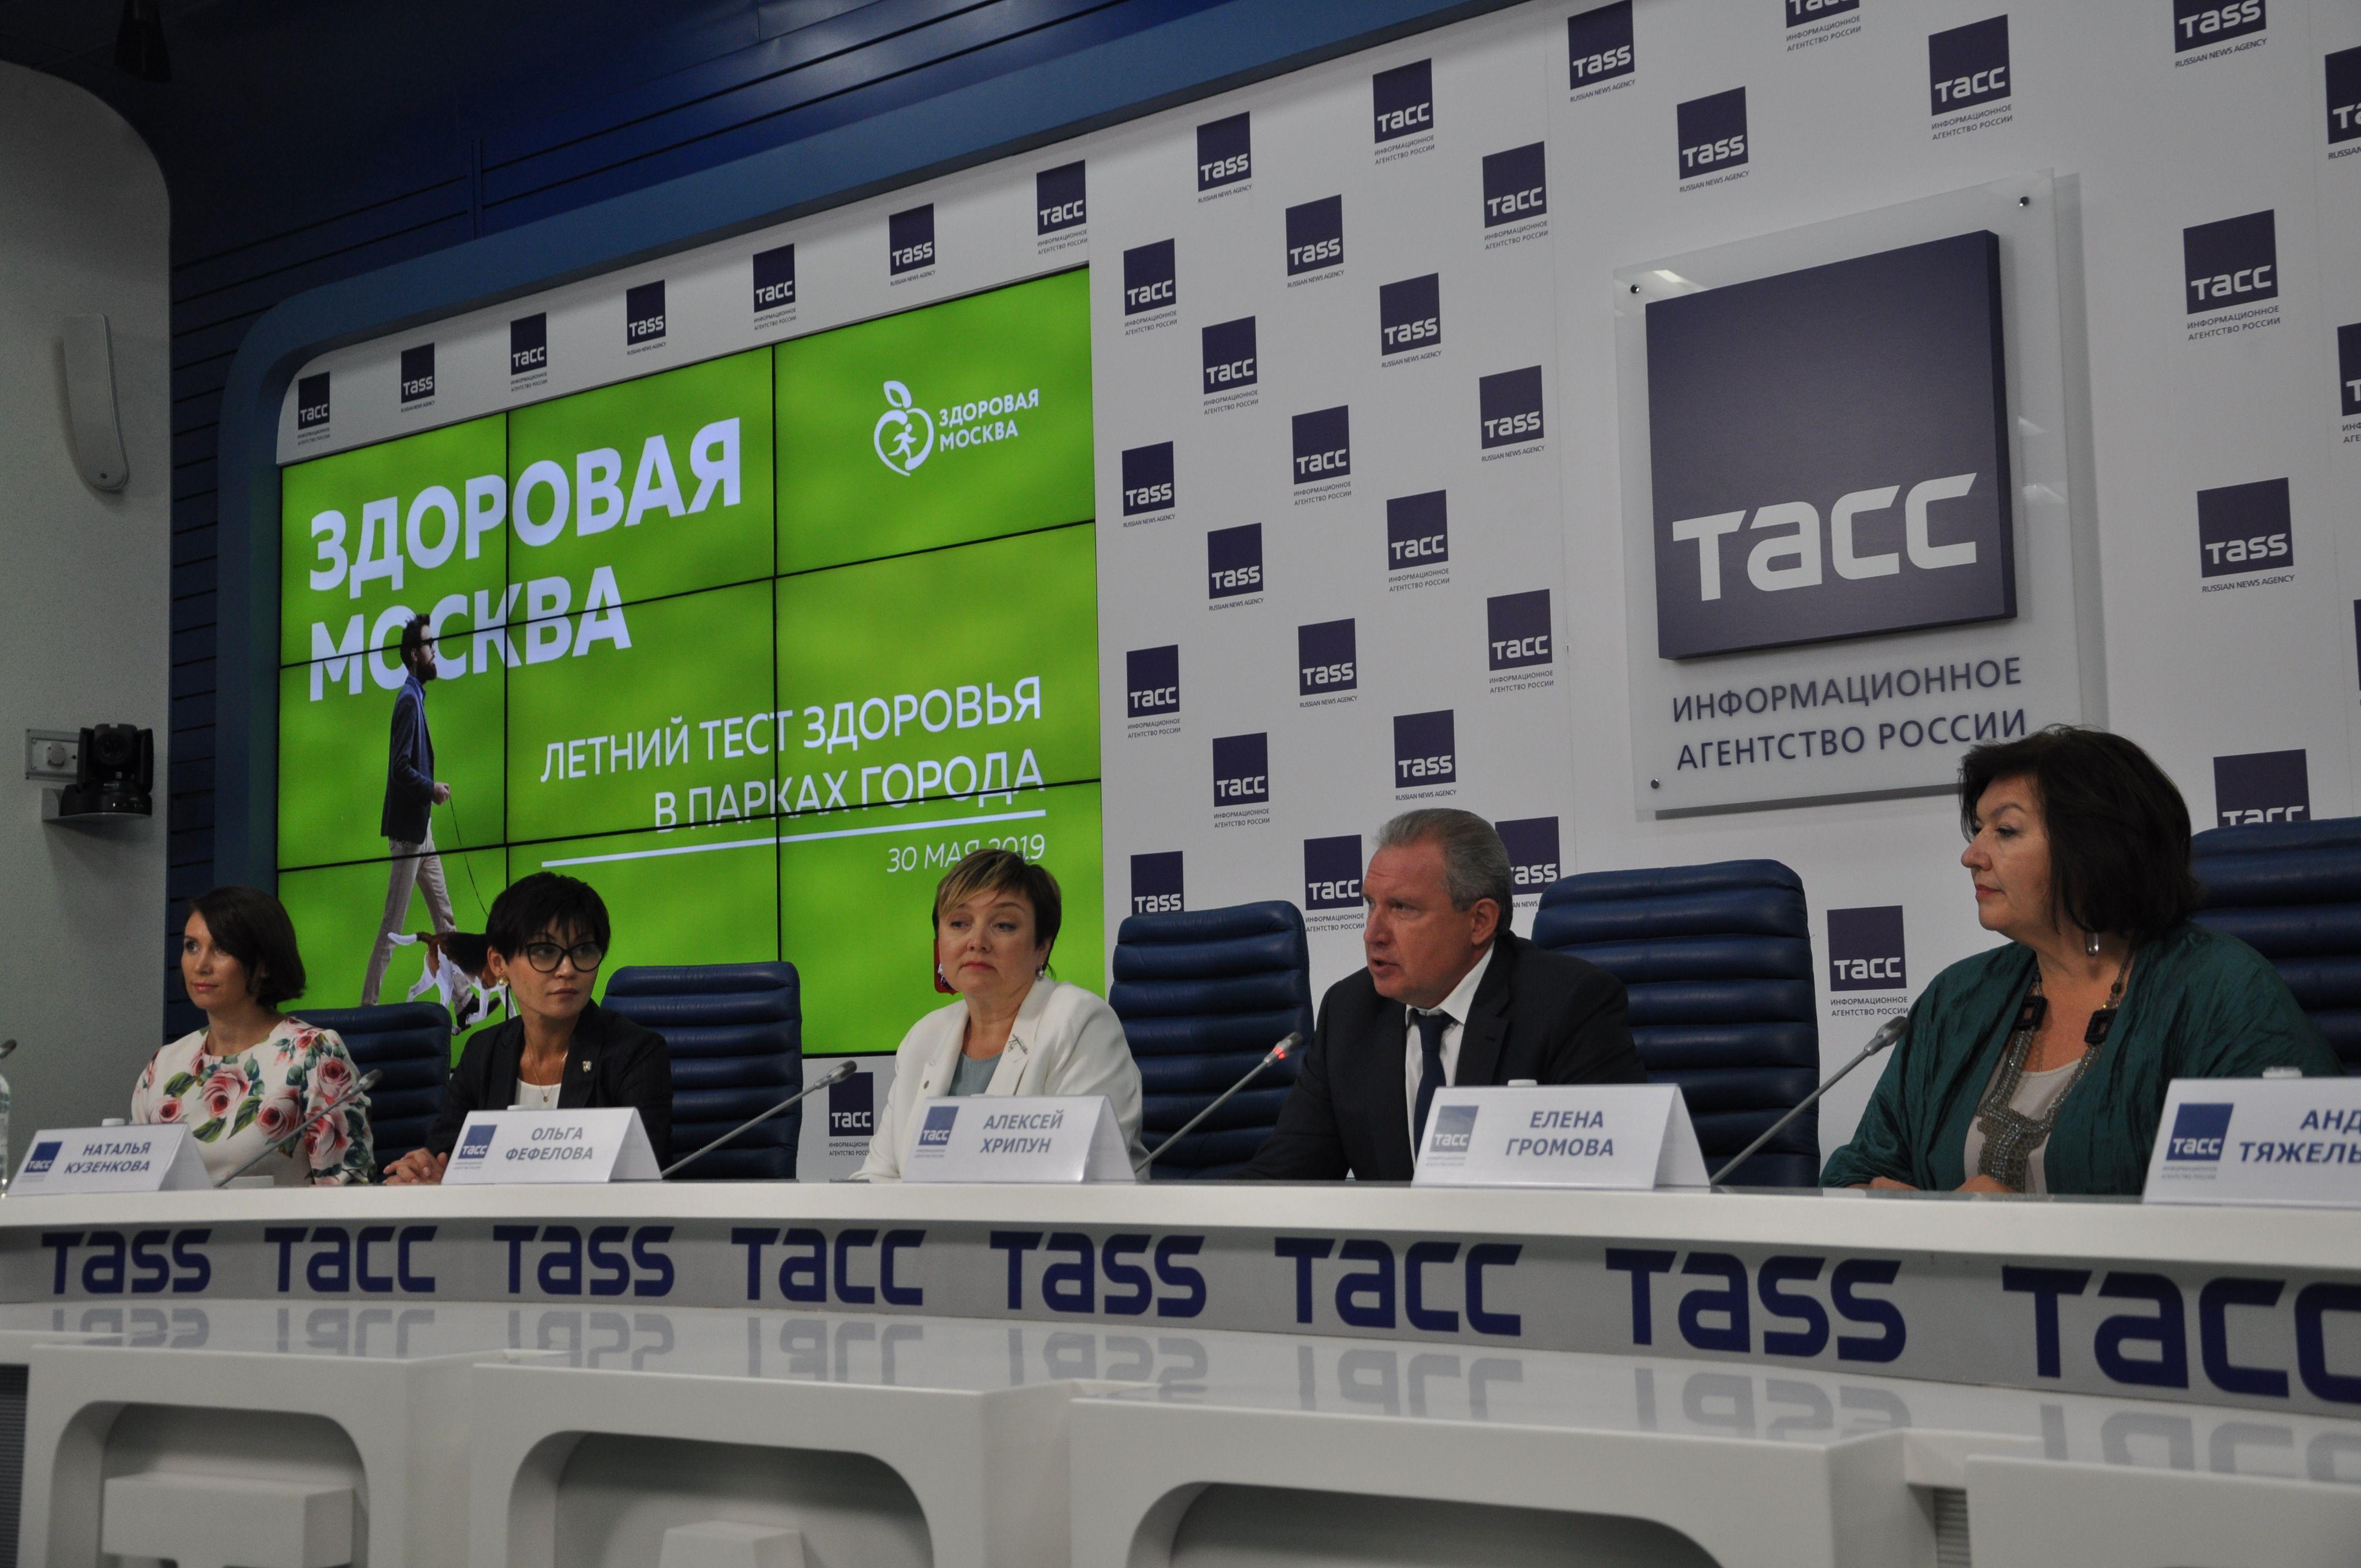 Горожане смогут пройти диспансеризацию в парках Москвы